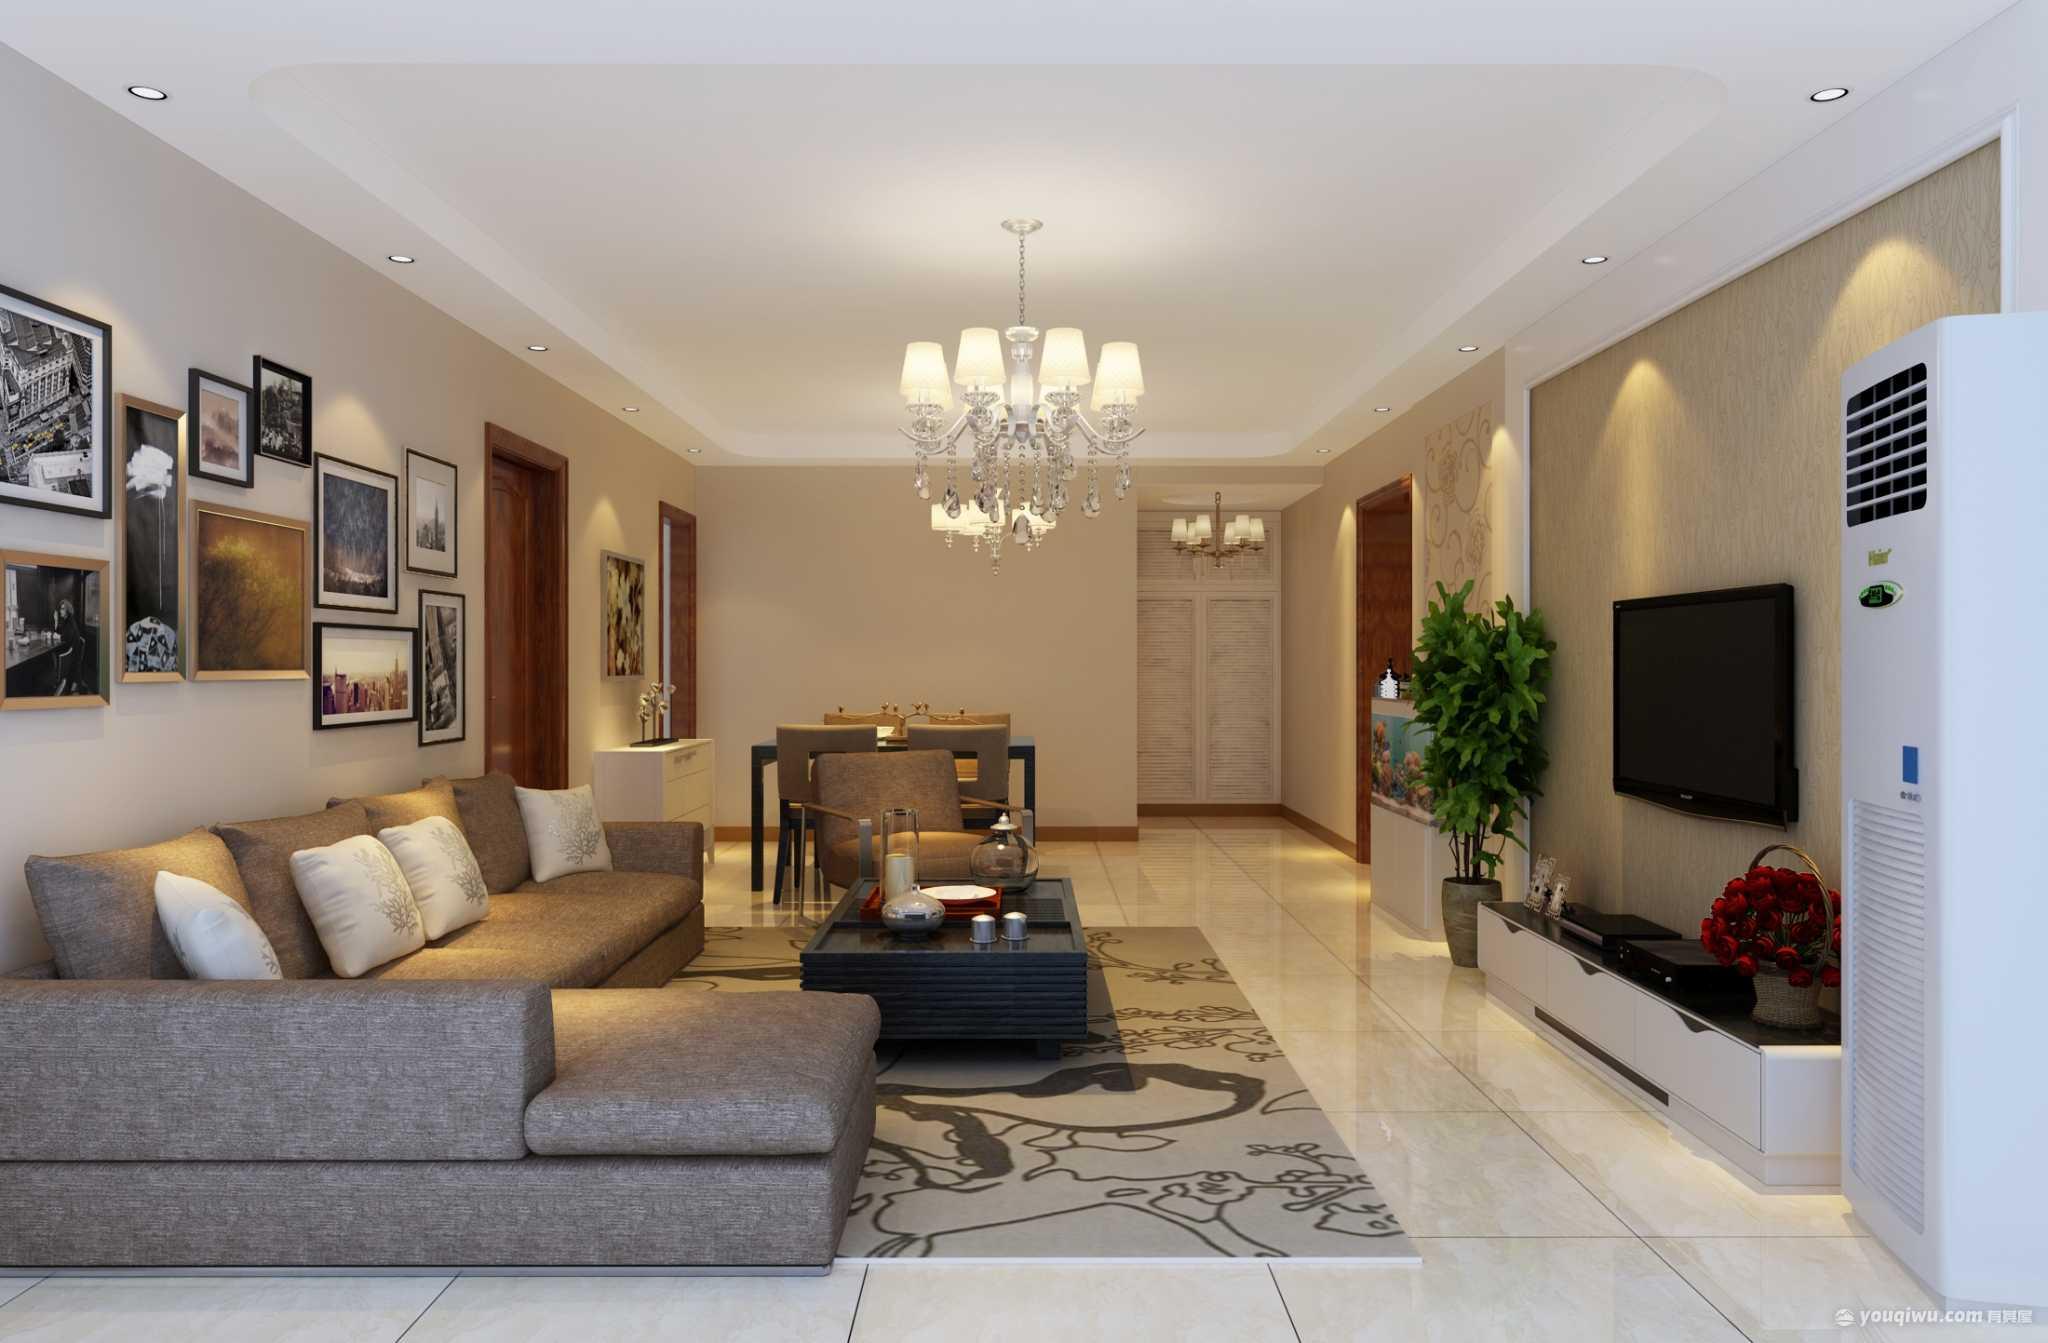 春和景园140平米三居室简约欧式装修效果图